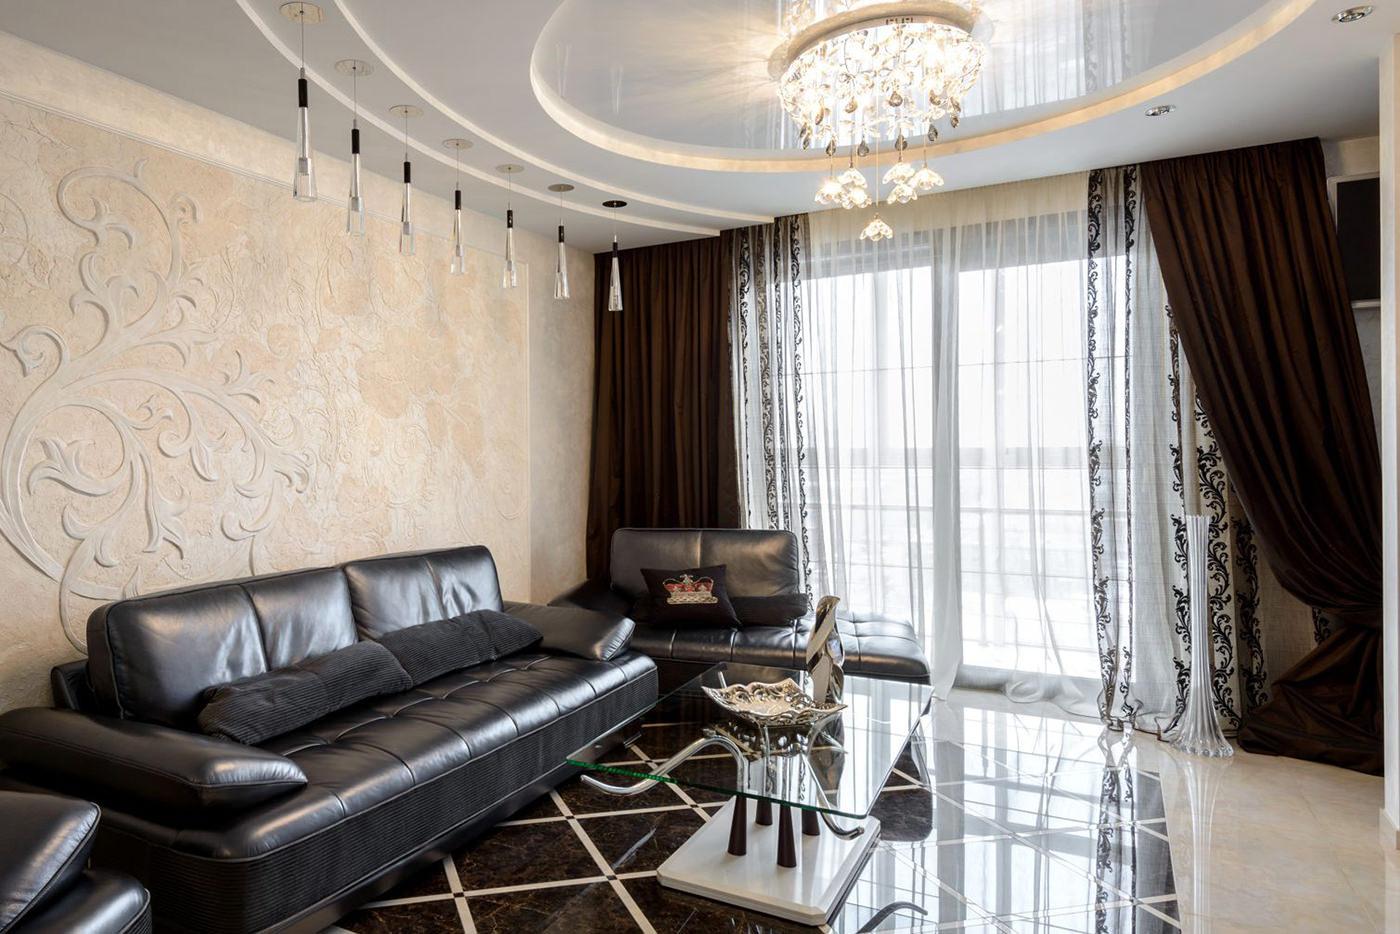 rideaux dans le salon photo